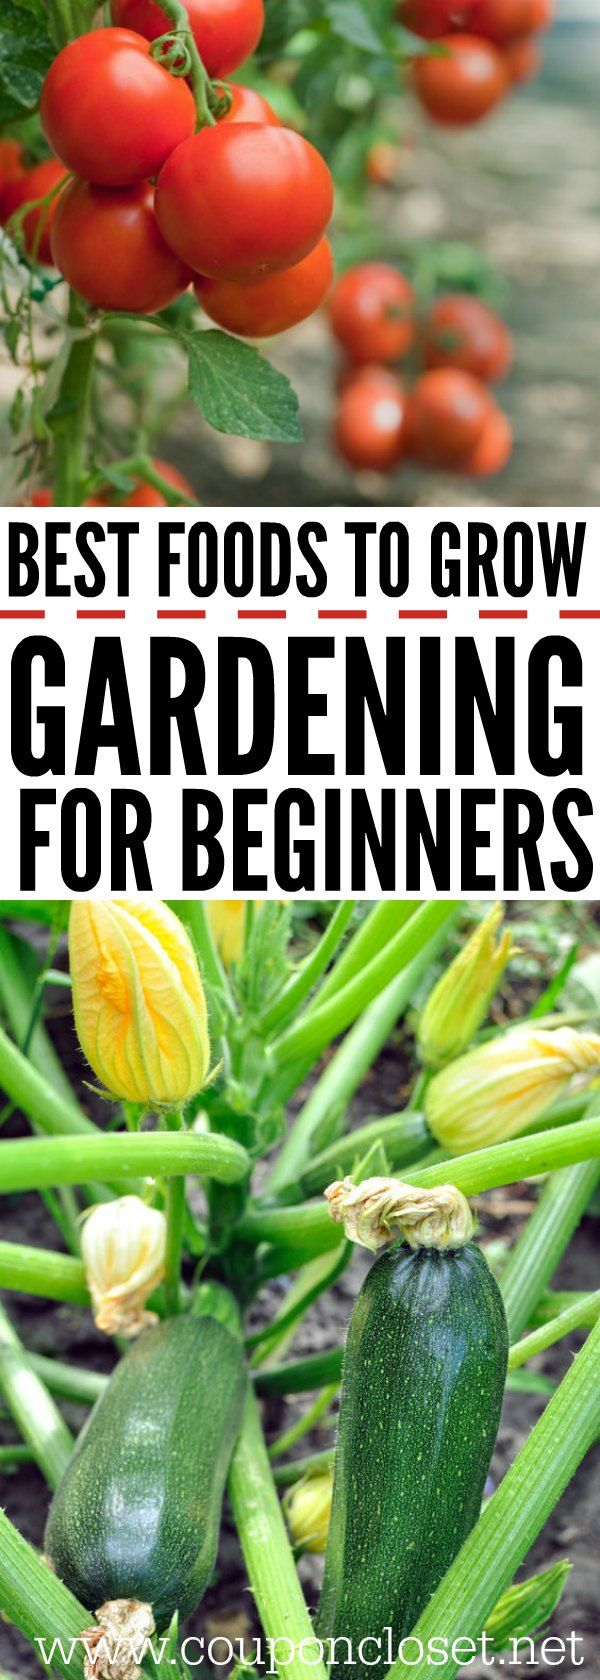 Gardening for Beginners -Vegetable Gardening for Beginners #howtogrowvegetables